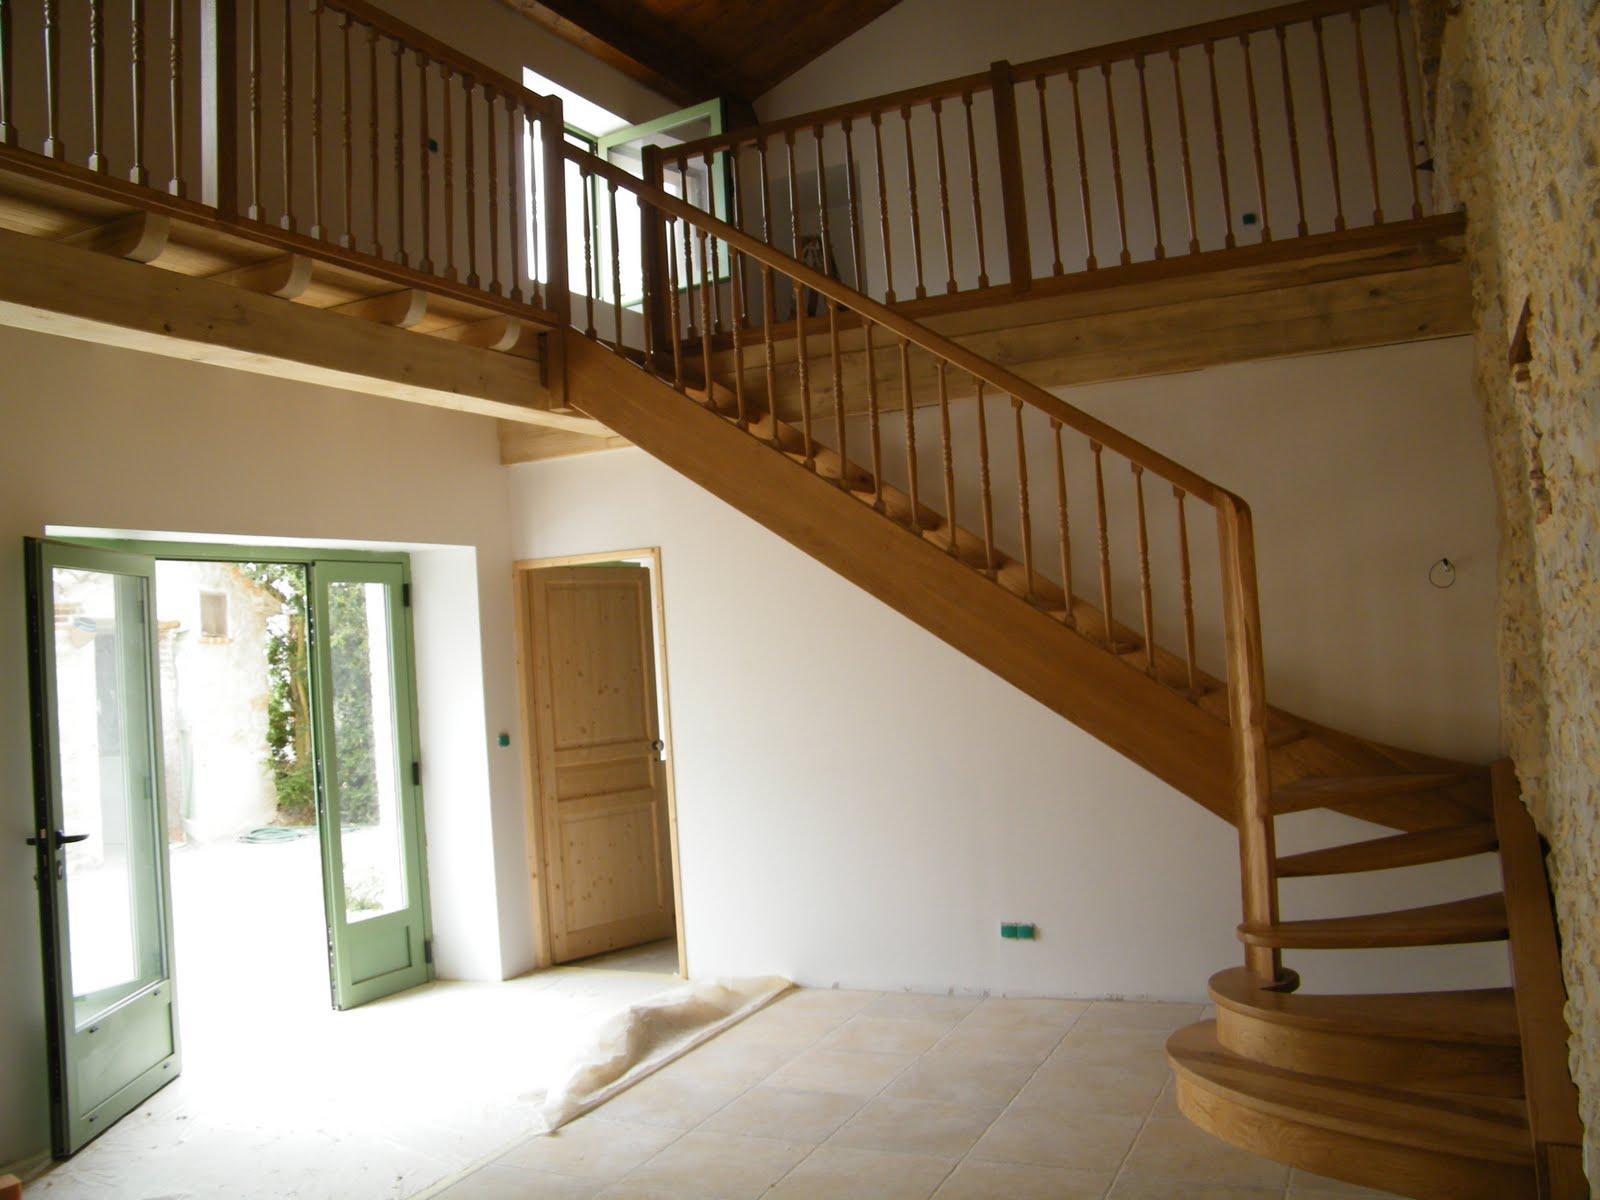 evolution bois escalier ch ne balustres bois. Black Bedroom Furniture Sets. Home Design Ideas